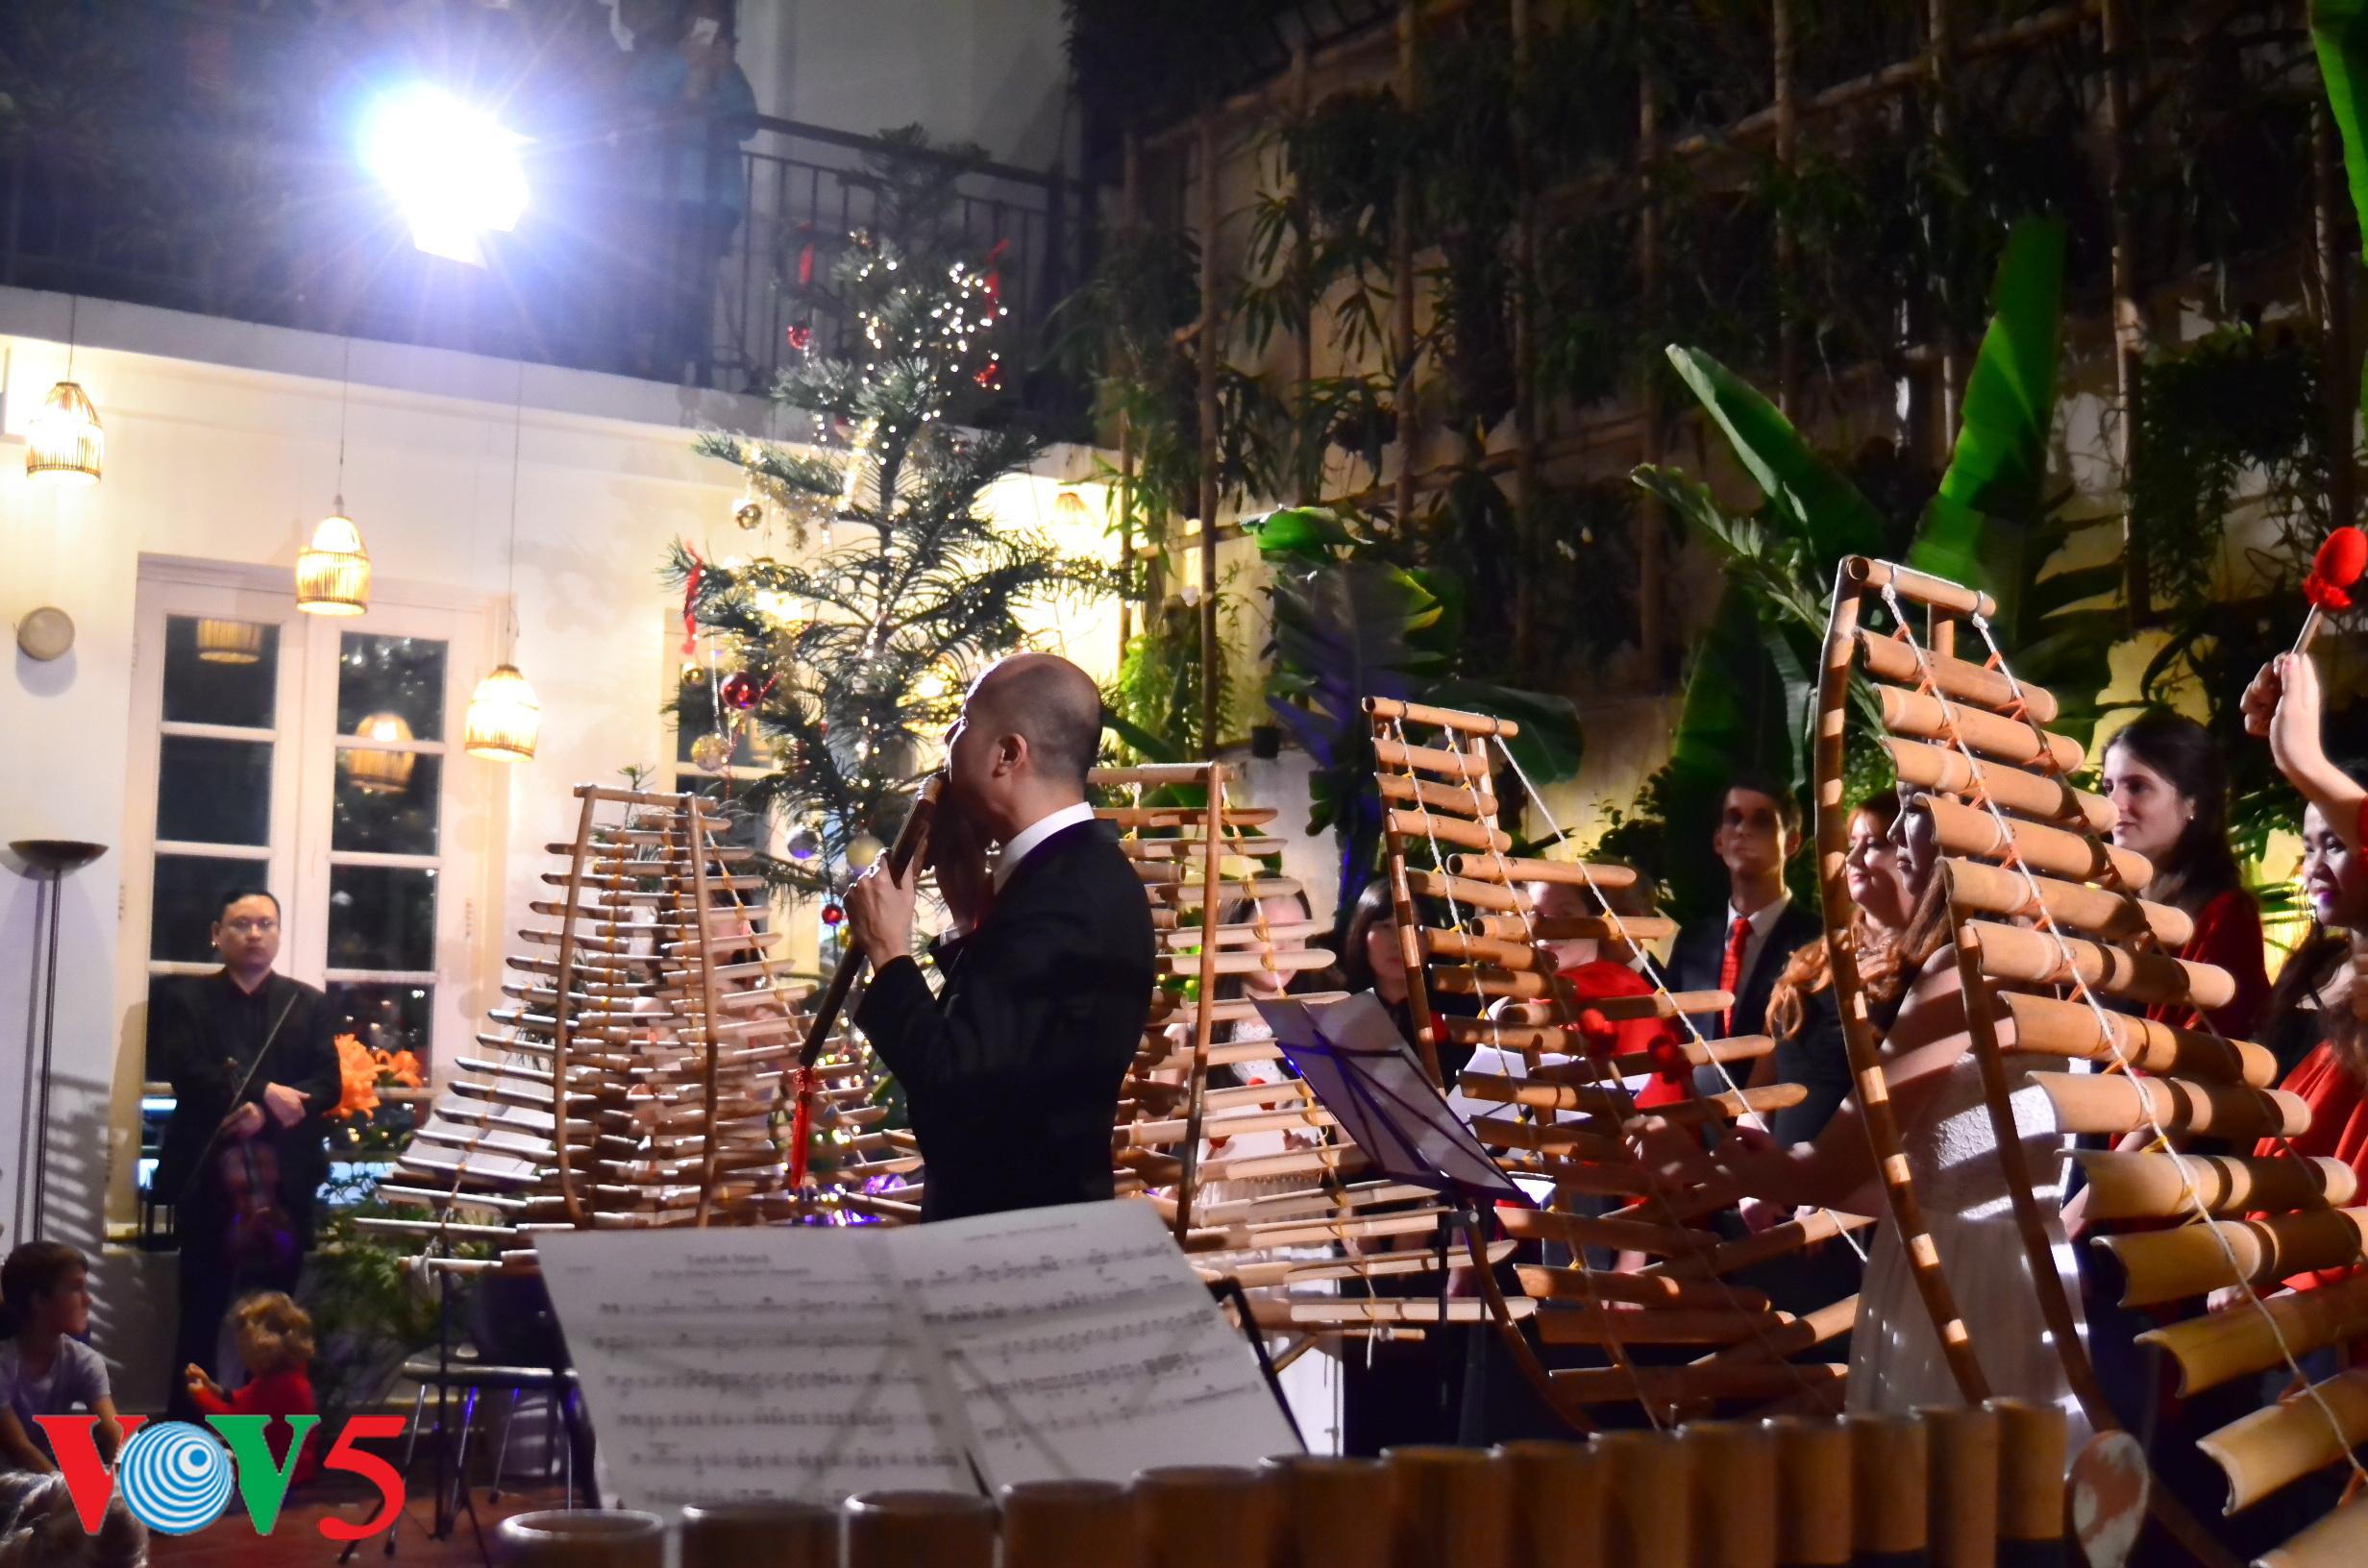 竹制乐器弹奏圣诞歌 hinh 8